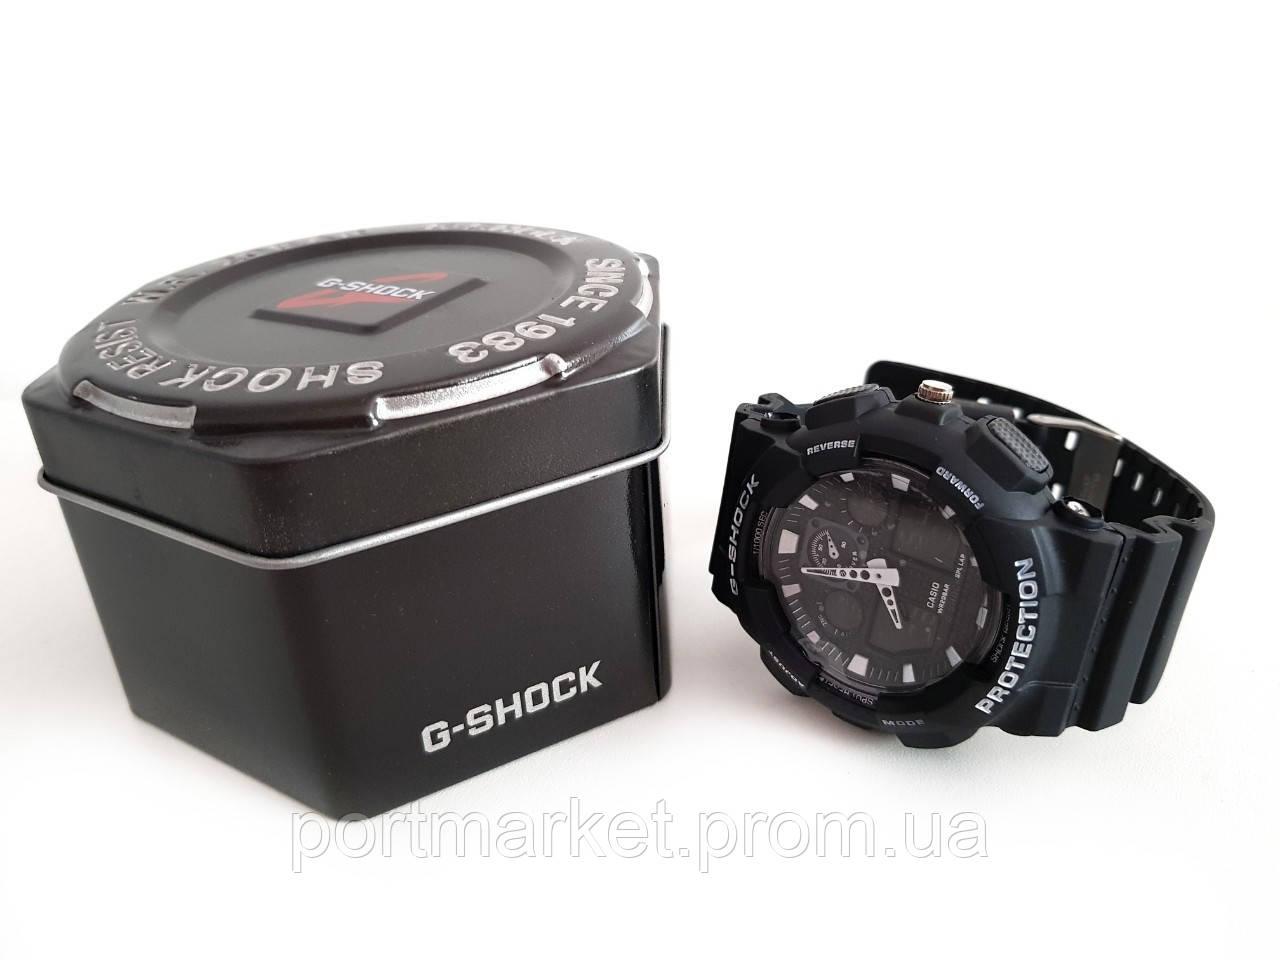 Мужские Наручные Электронные Часы в стиле Casio G-Shock GA 100 реплика